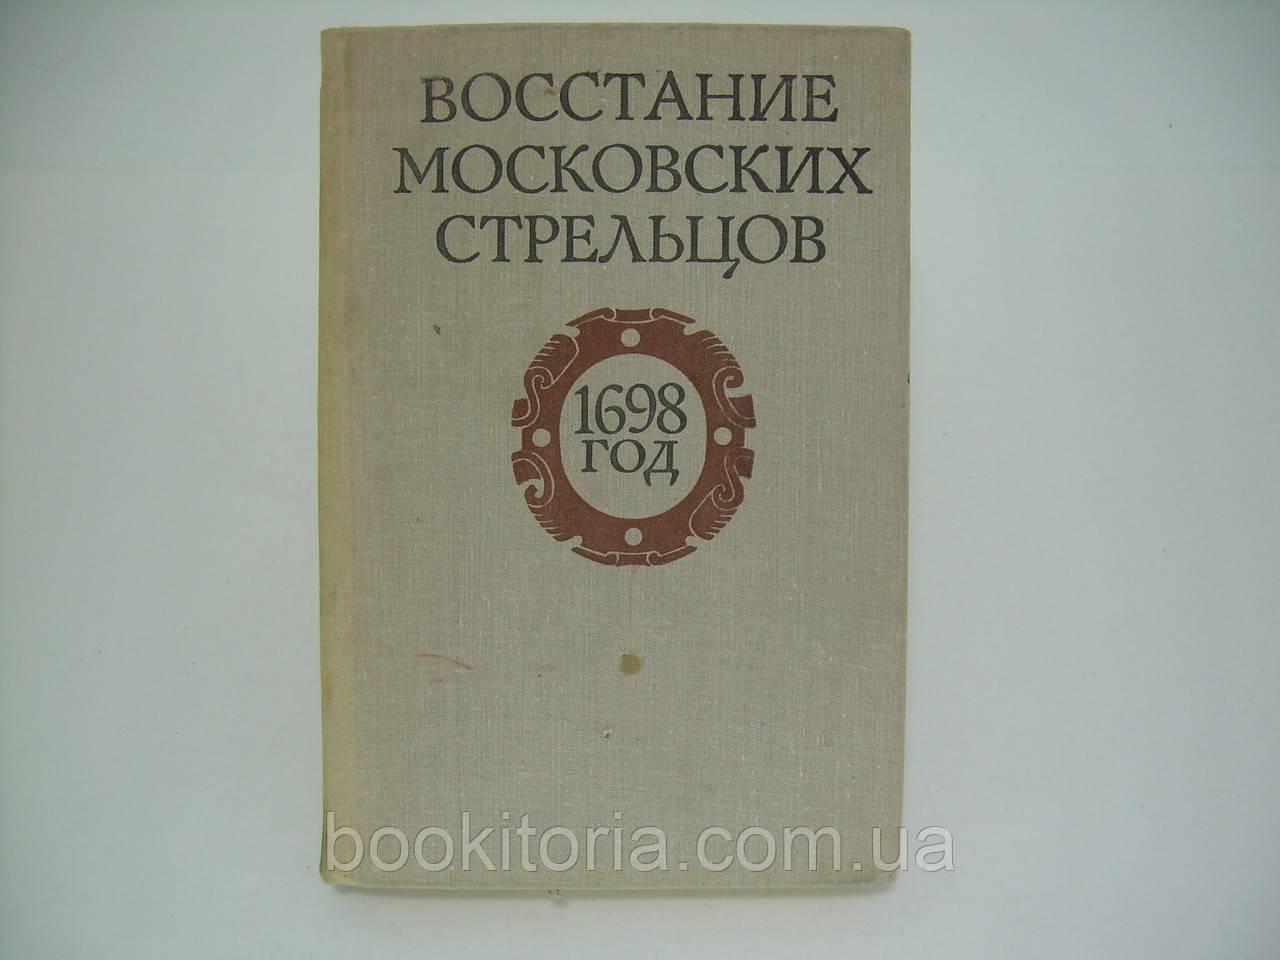 Восстание московских стрельцов. 1698 год (б/у).